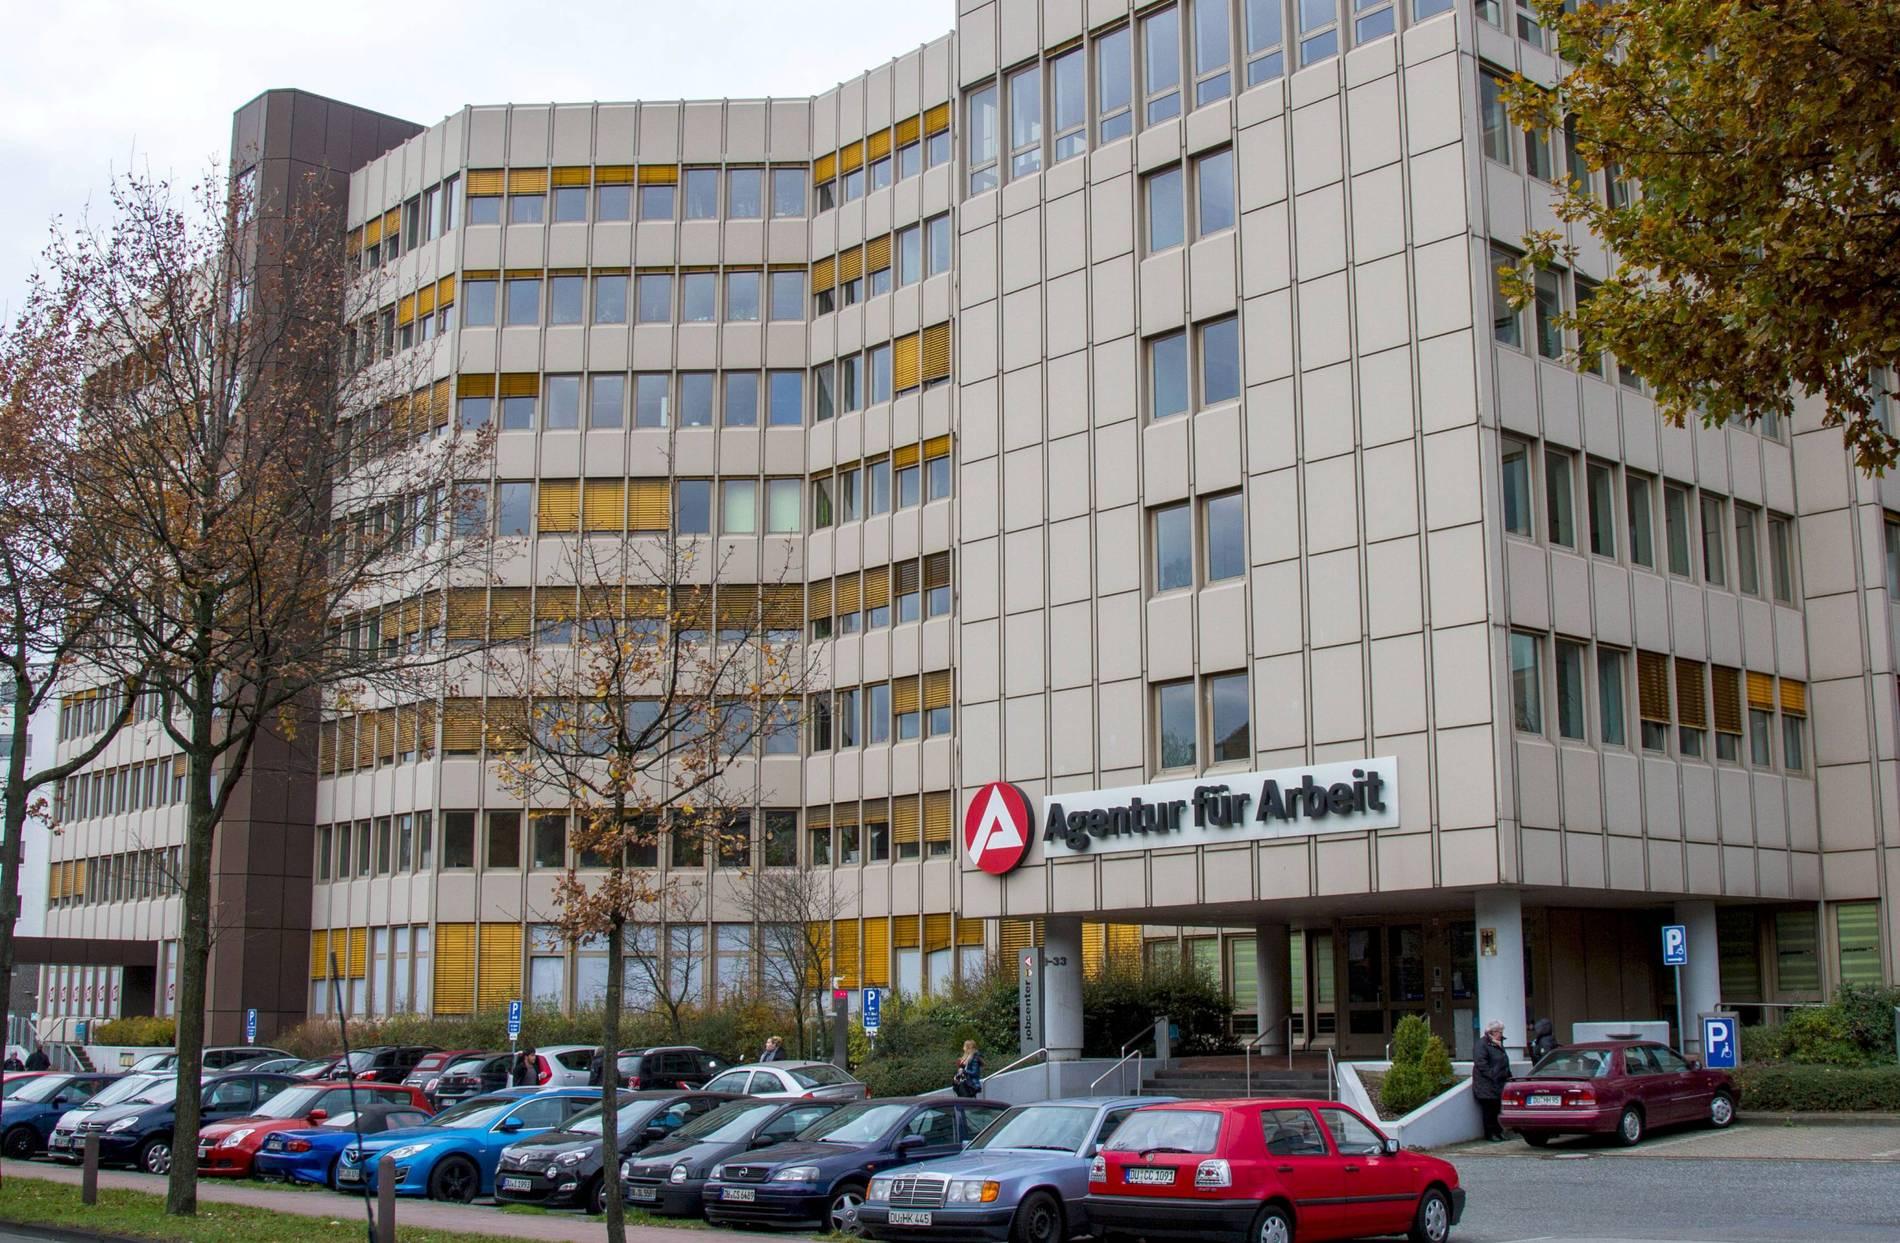 Duisburg Arbeitsagentur Fordert Bewerbung Per Video